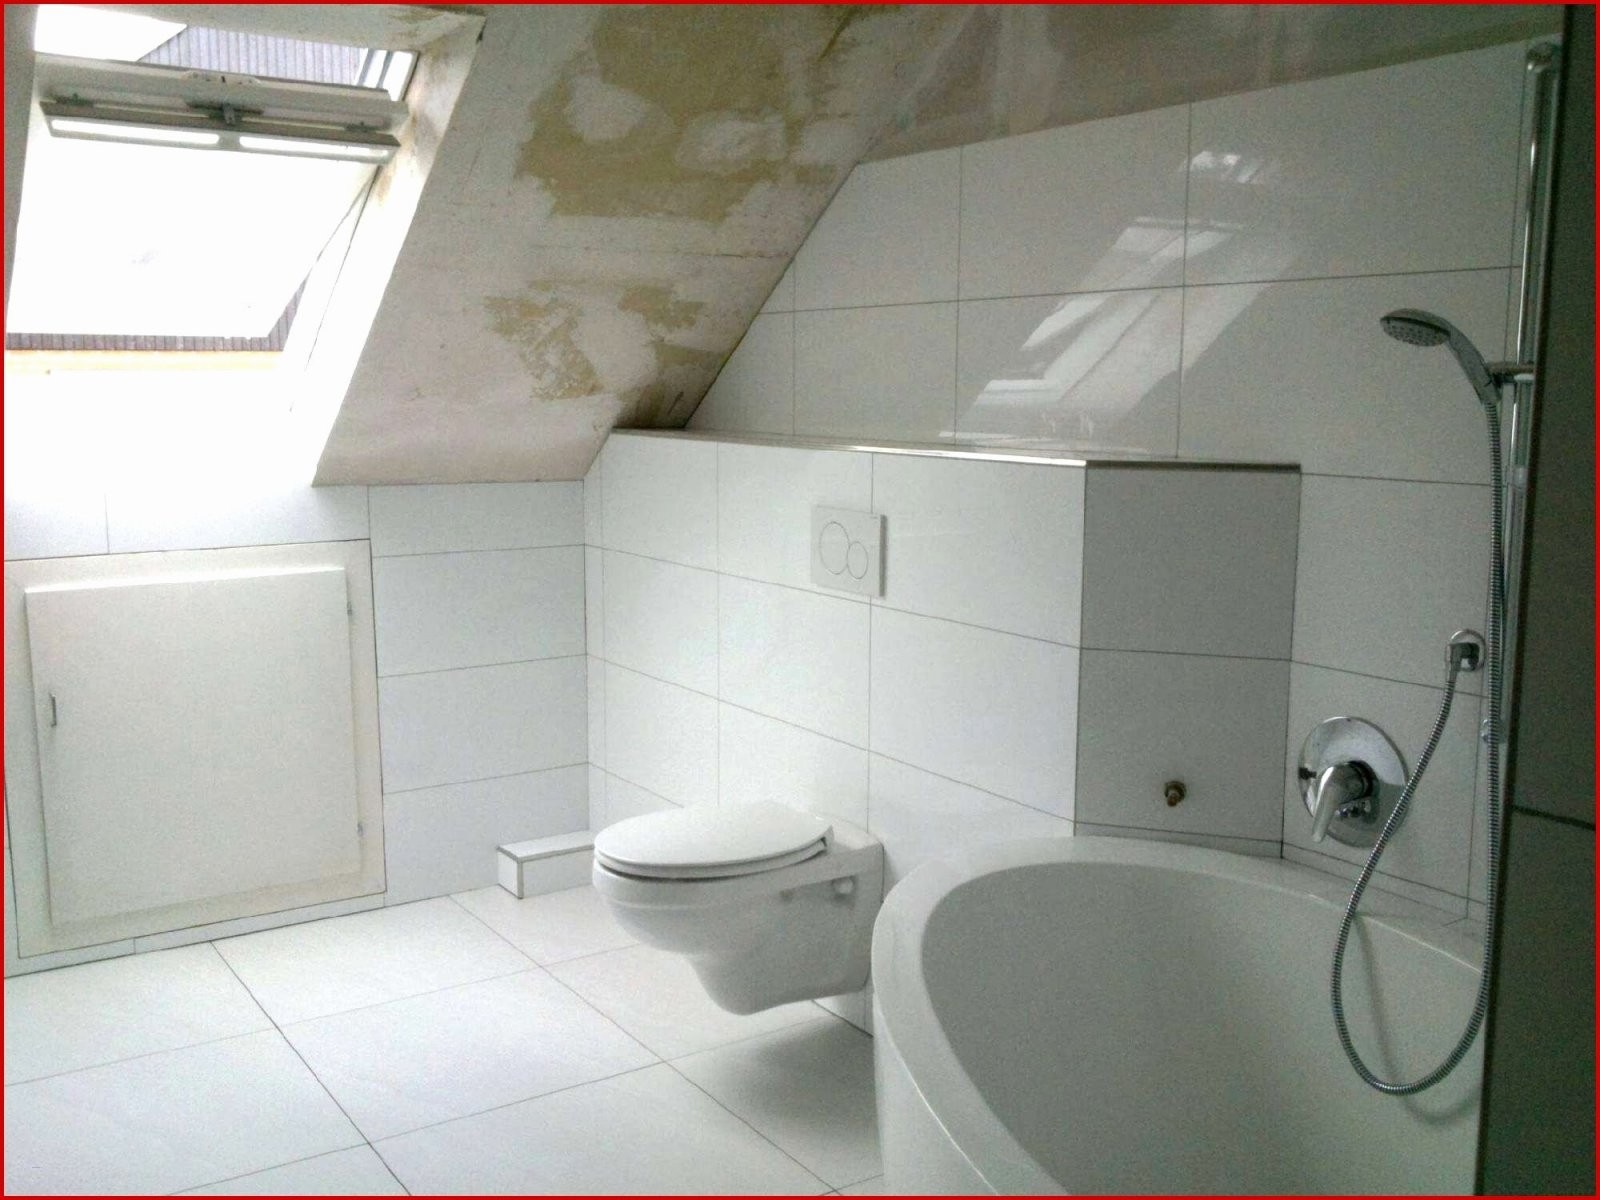 Experte Metro Fliesen Verlegen Badezimmer Kosten Pro M2 von Fliesen Verlegen Kosten Pro M2 Bild